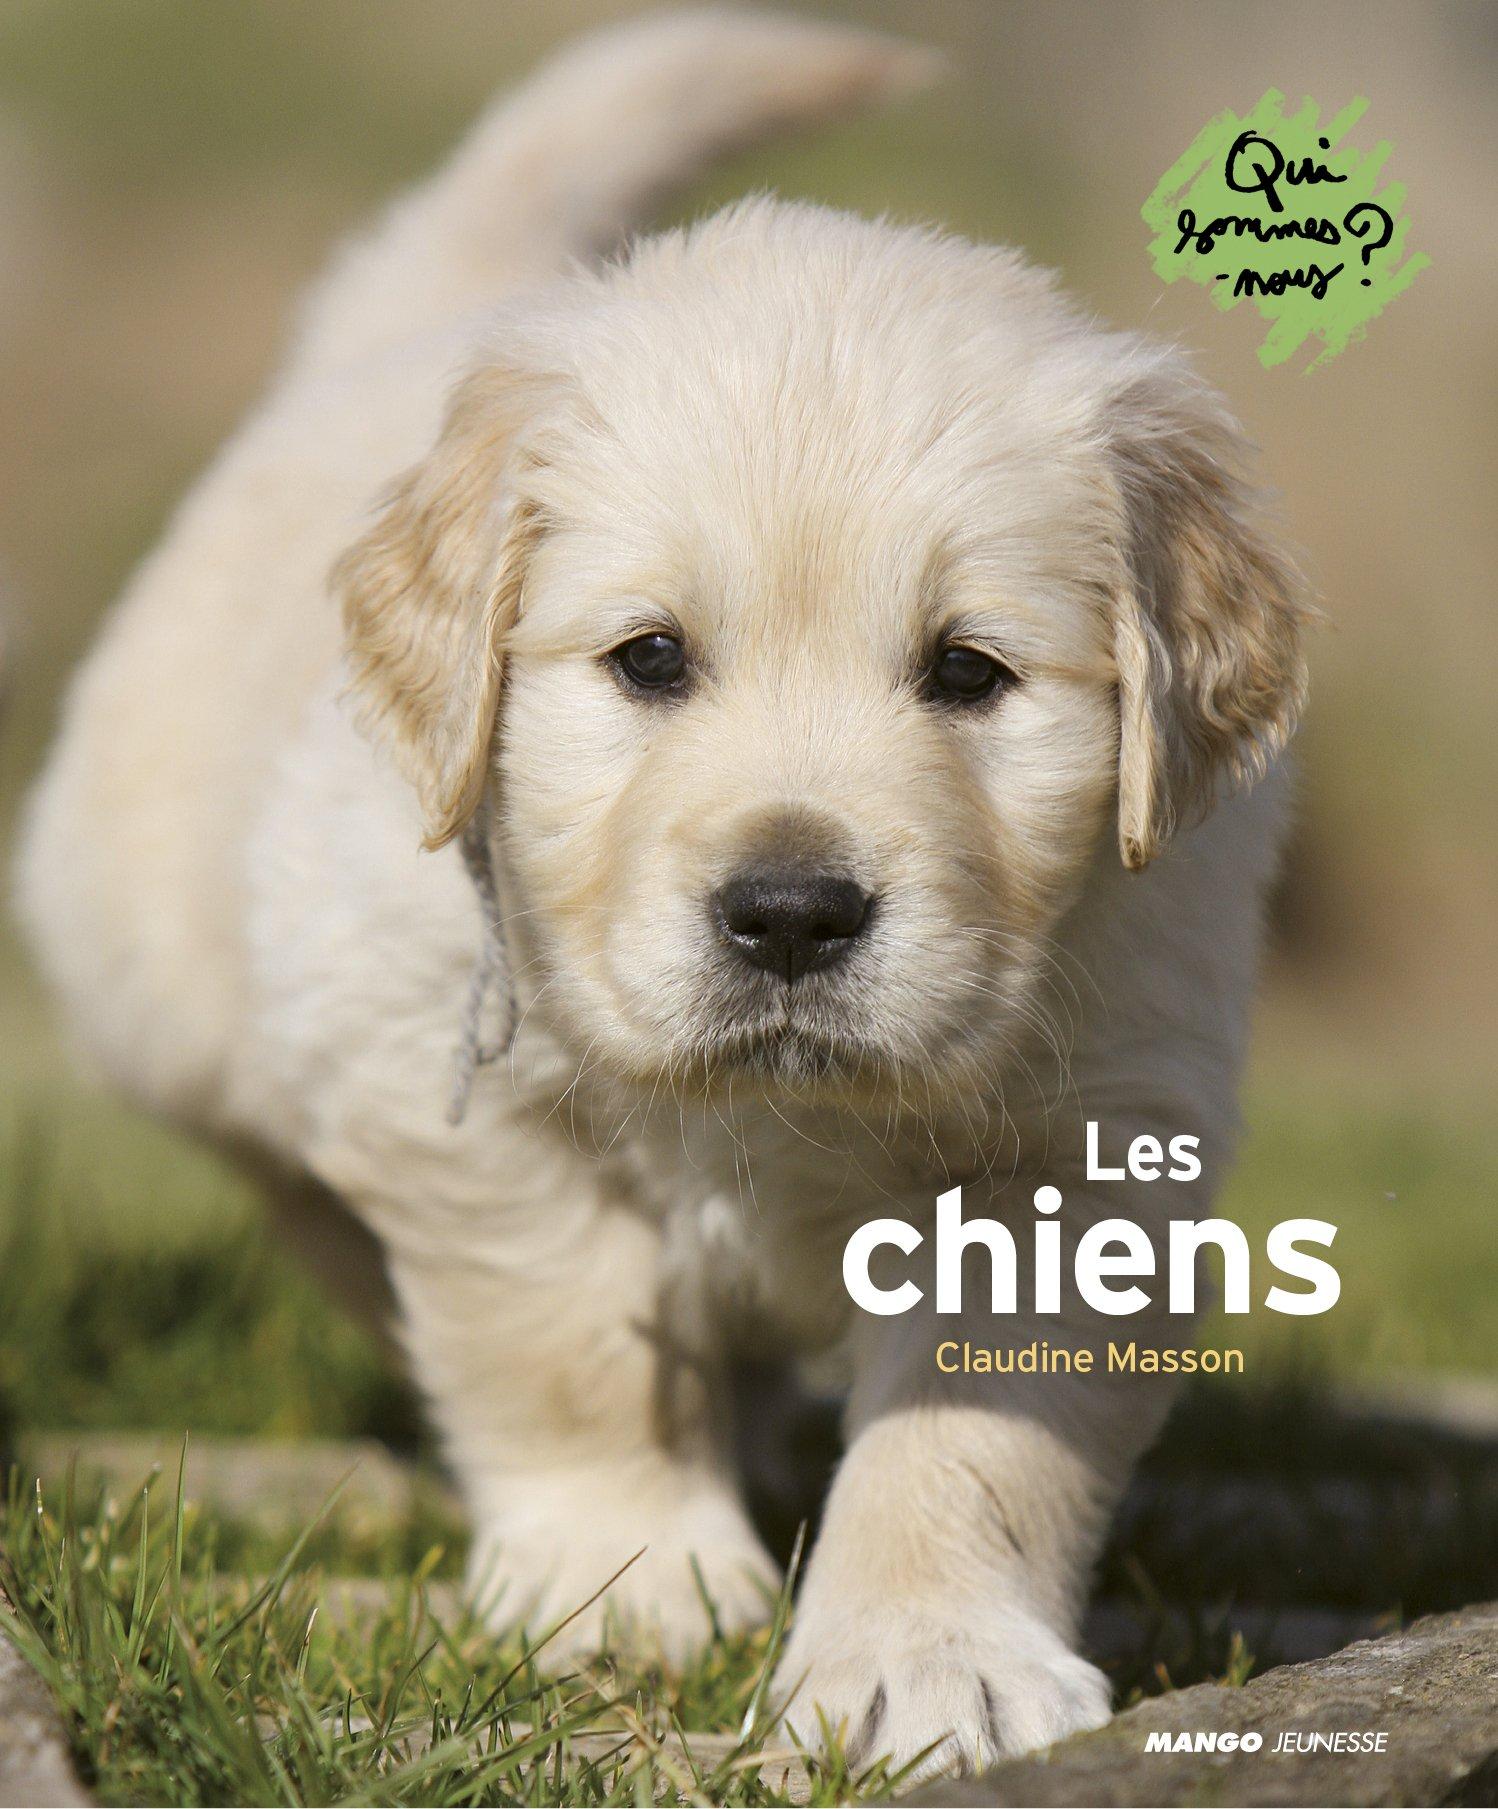 Les chiens Album – 8 septembre 2011 Claudine Masson Mango Jeunesse 2740428464 TL2740428464